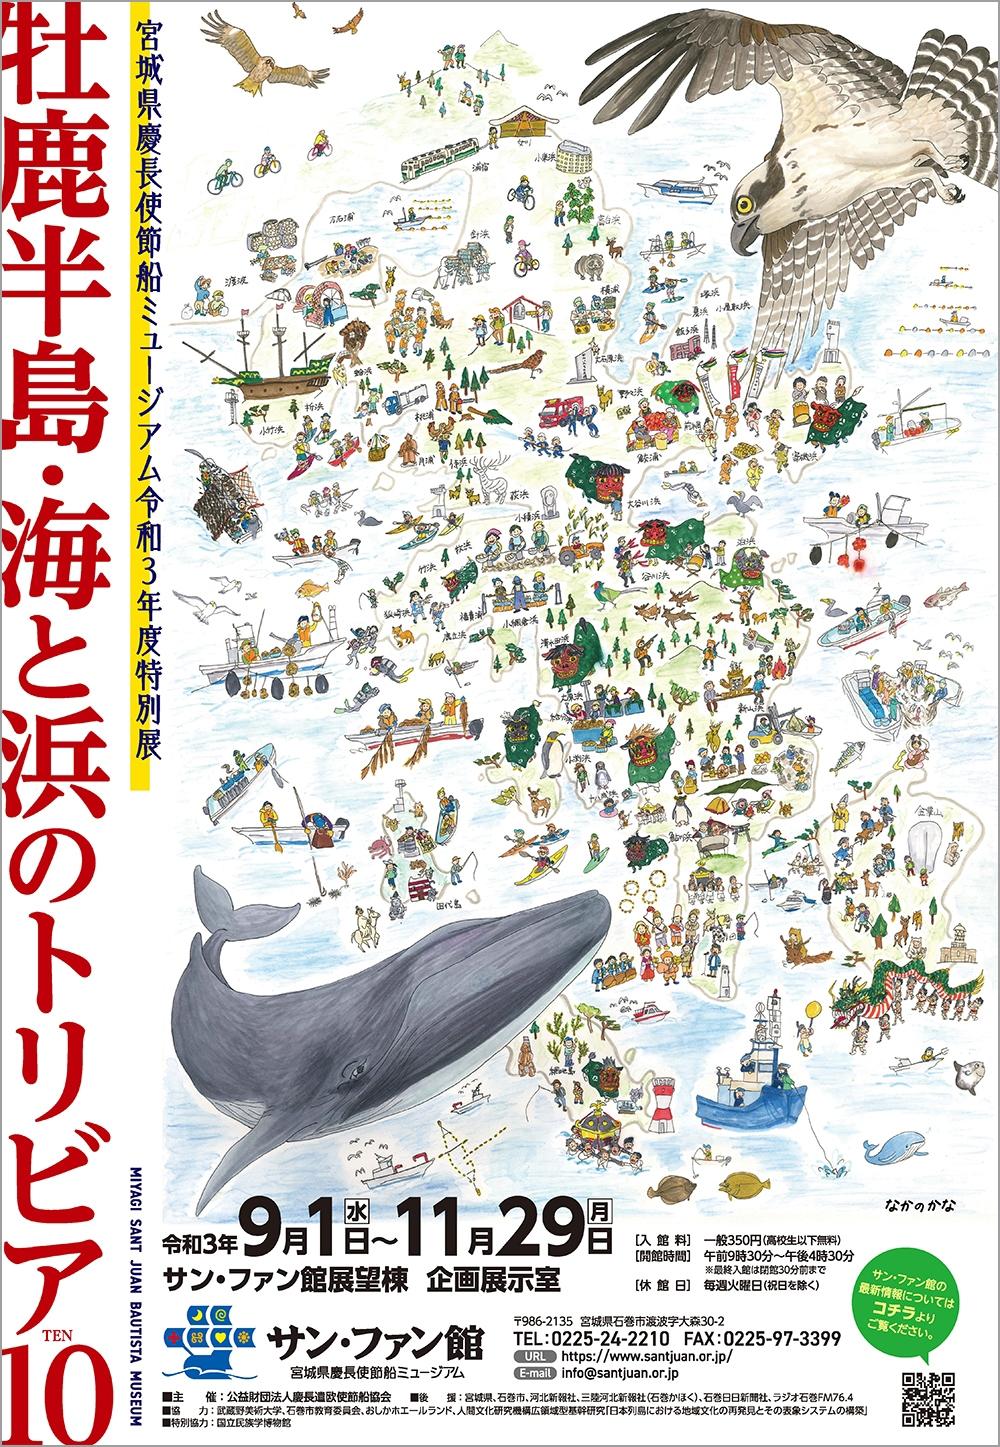 特別展「牡鹿半島・海と浜のトリビア10(TEN)」